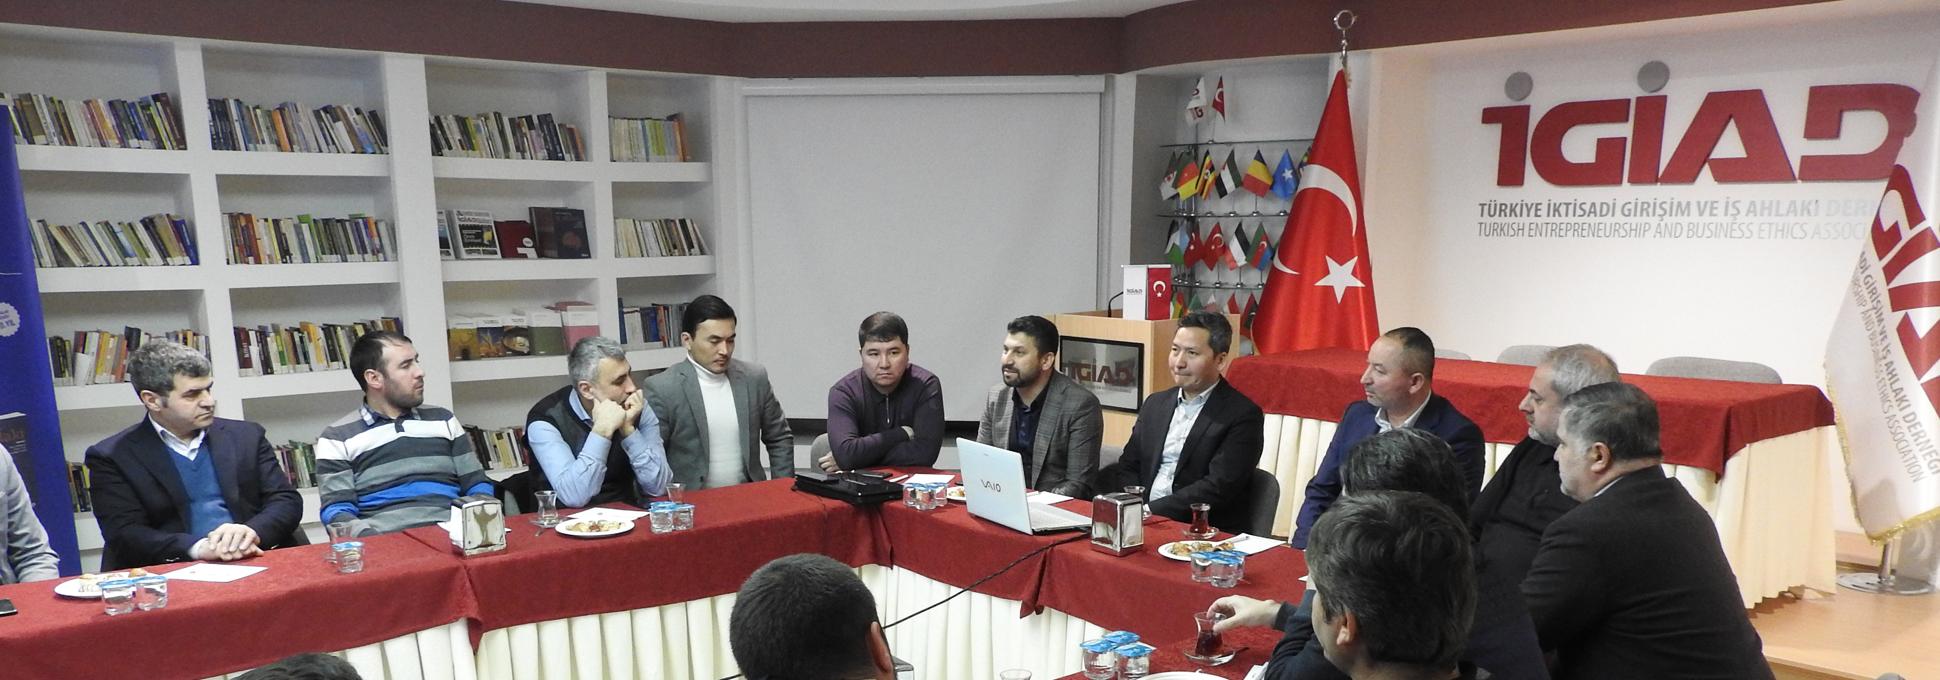 Ülke Tanıtım Toplantısında Gündem Kazakistan